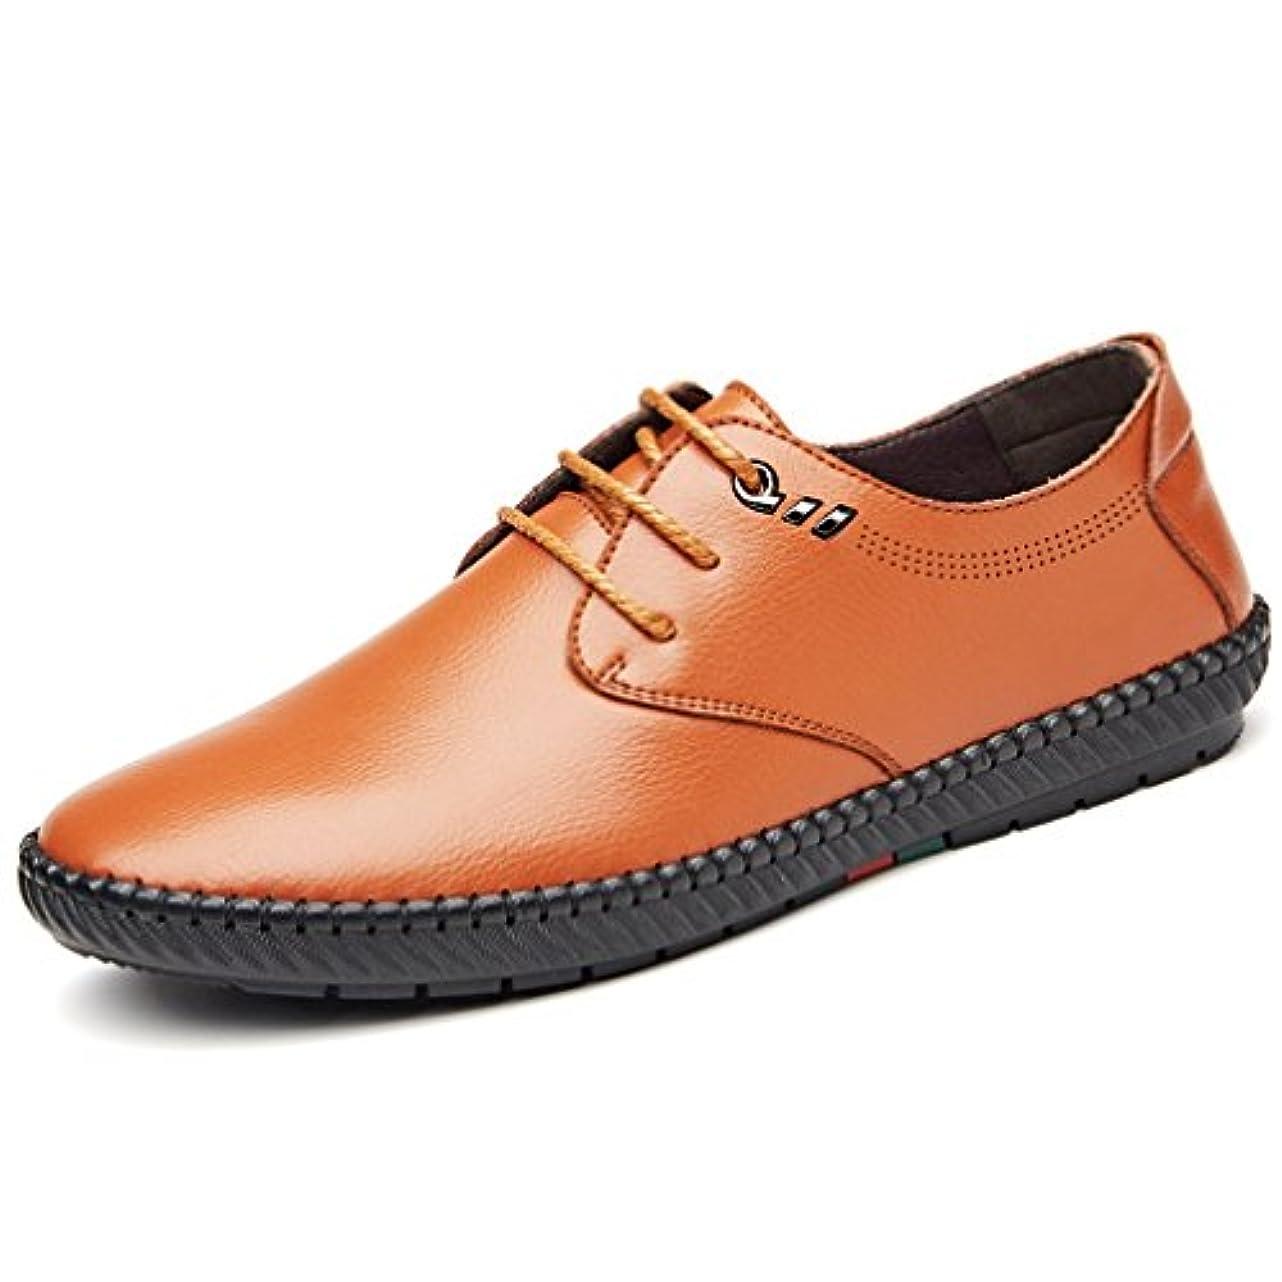 大学院西面白い[イノヤ]メンズ 本革 ビジネスシューズ カジュアルシューズ 革靴 レースアップ モカシンシューズ 父の日 ローカット カジュアル靴 歩きやすい おしゃれ 耐摩耗性 立ち仕事靴 通勤 防滑 黒 ブラウン カーキ色